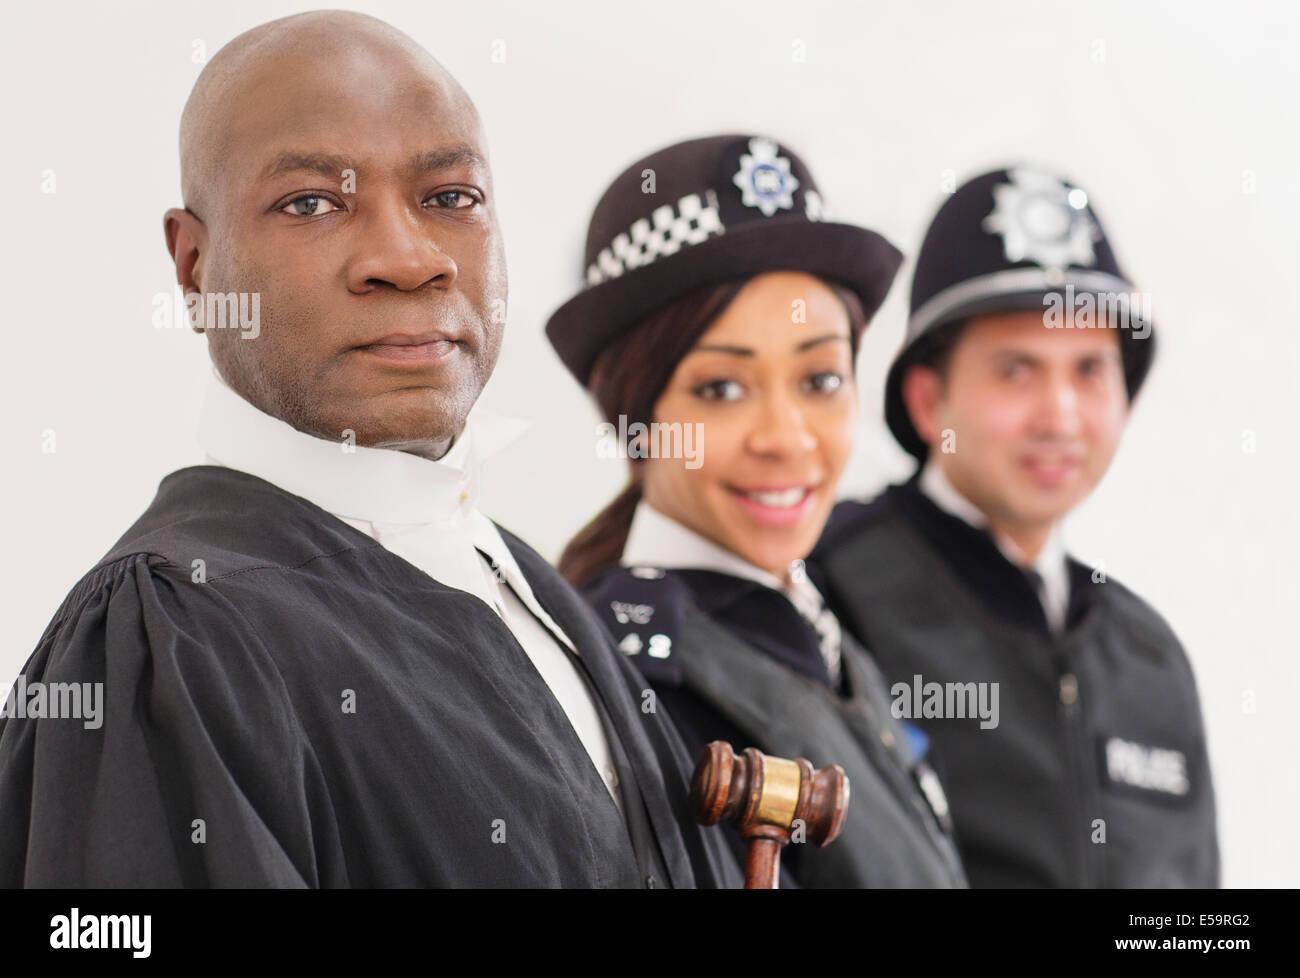 Ritratto di fiducioso giudice e polizia Immagini Stock